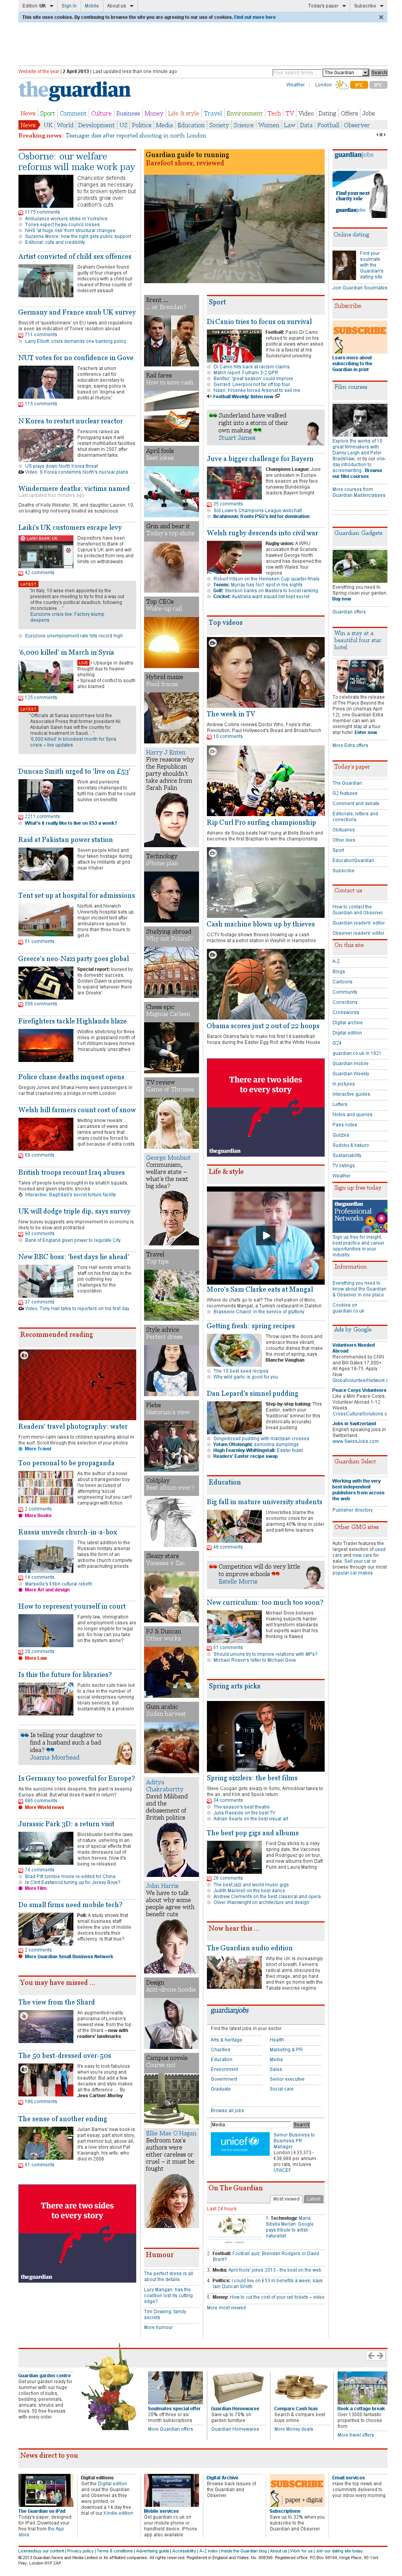 The Guardian at Tuesday April 2, 2013, 12:09 p.m. UTC